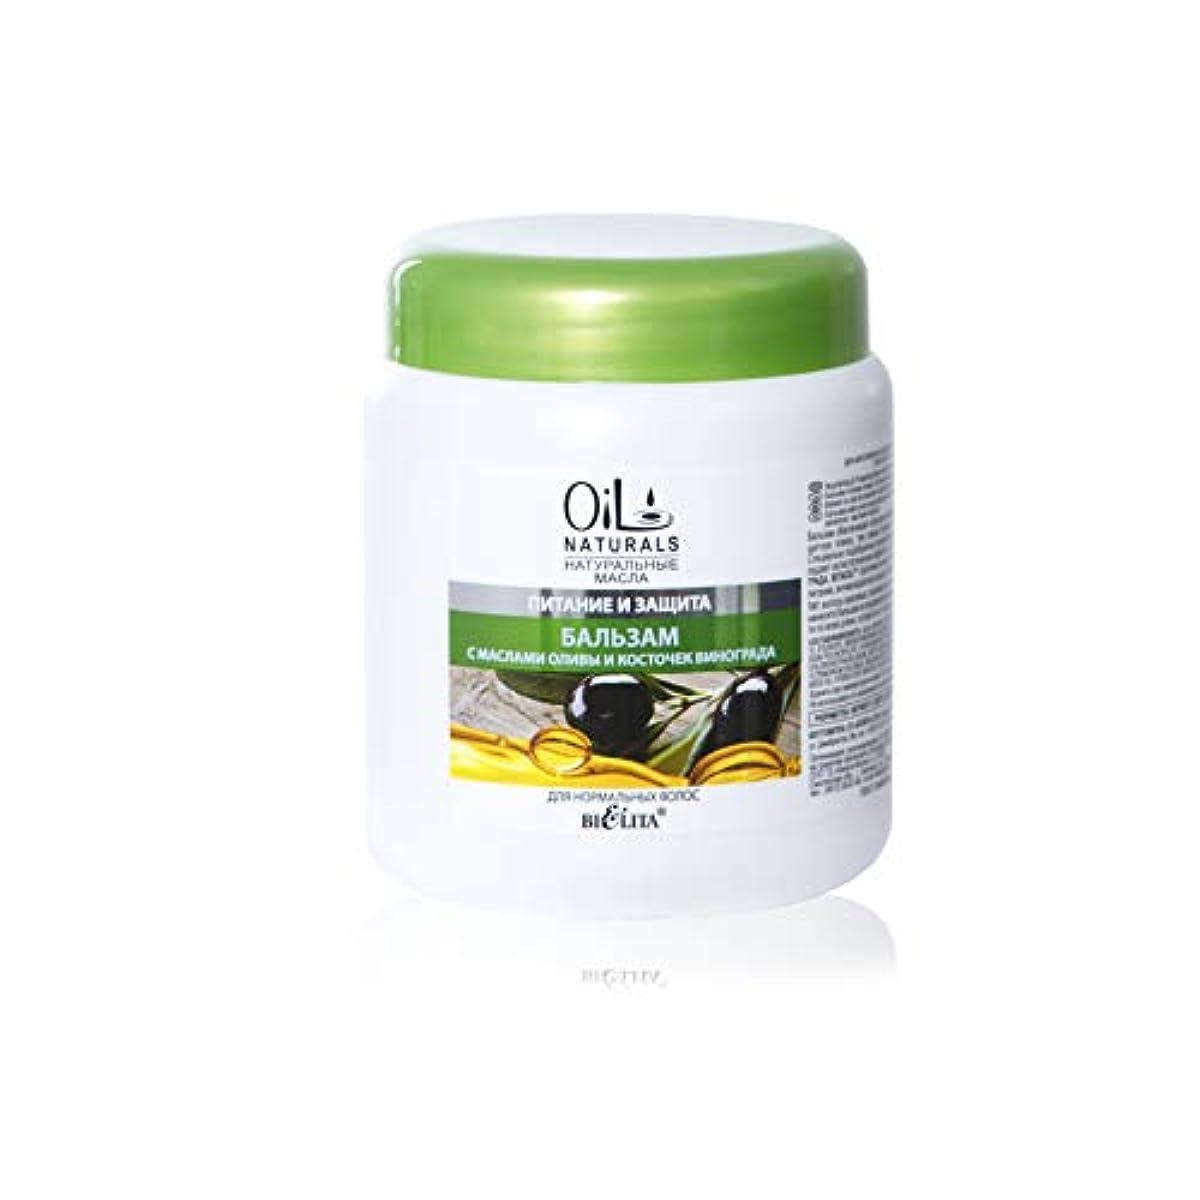 無数の不規則性レンズBielita & Vitex Oil Naturals Line | Nutrition & Protection Balm for Normal Hair, 450 ml | Grape Seed Oil, Silk...